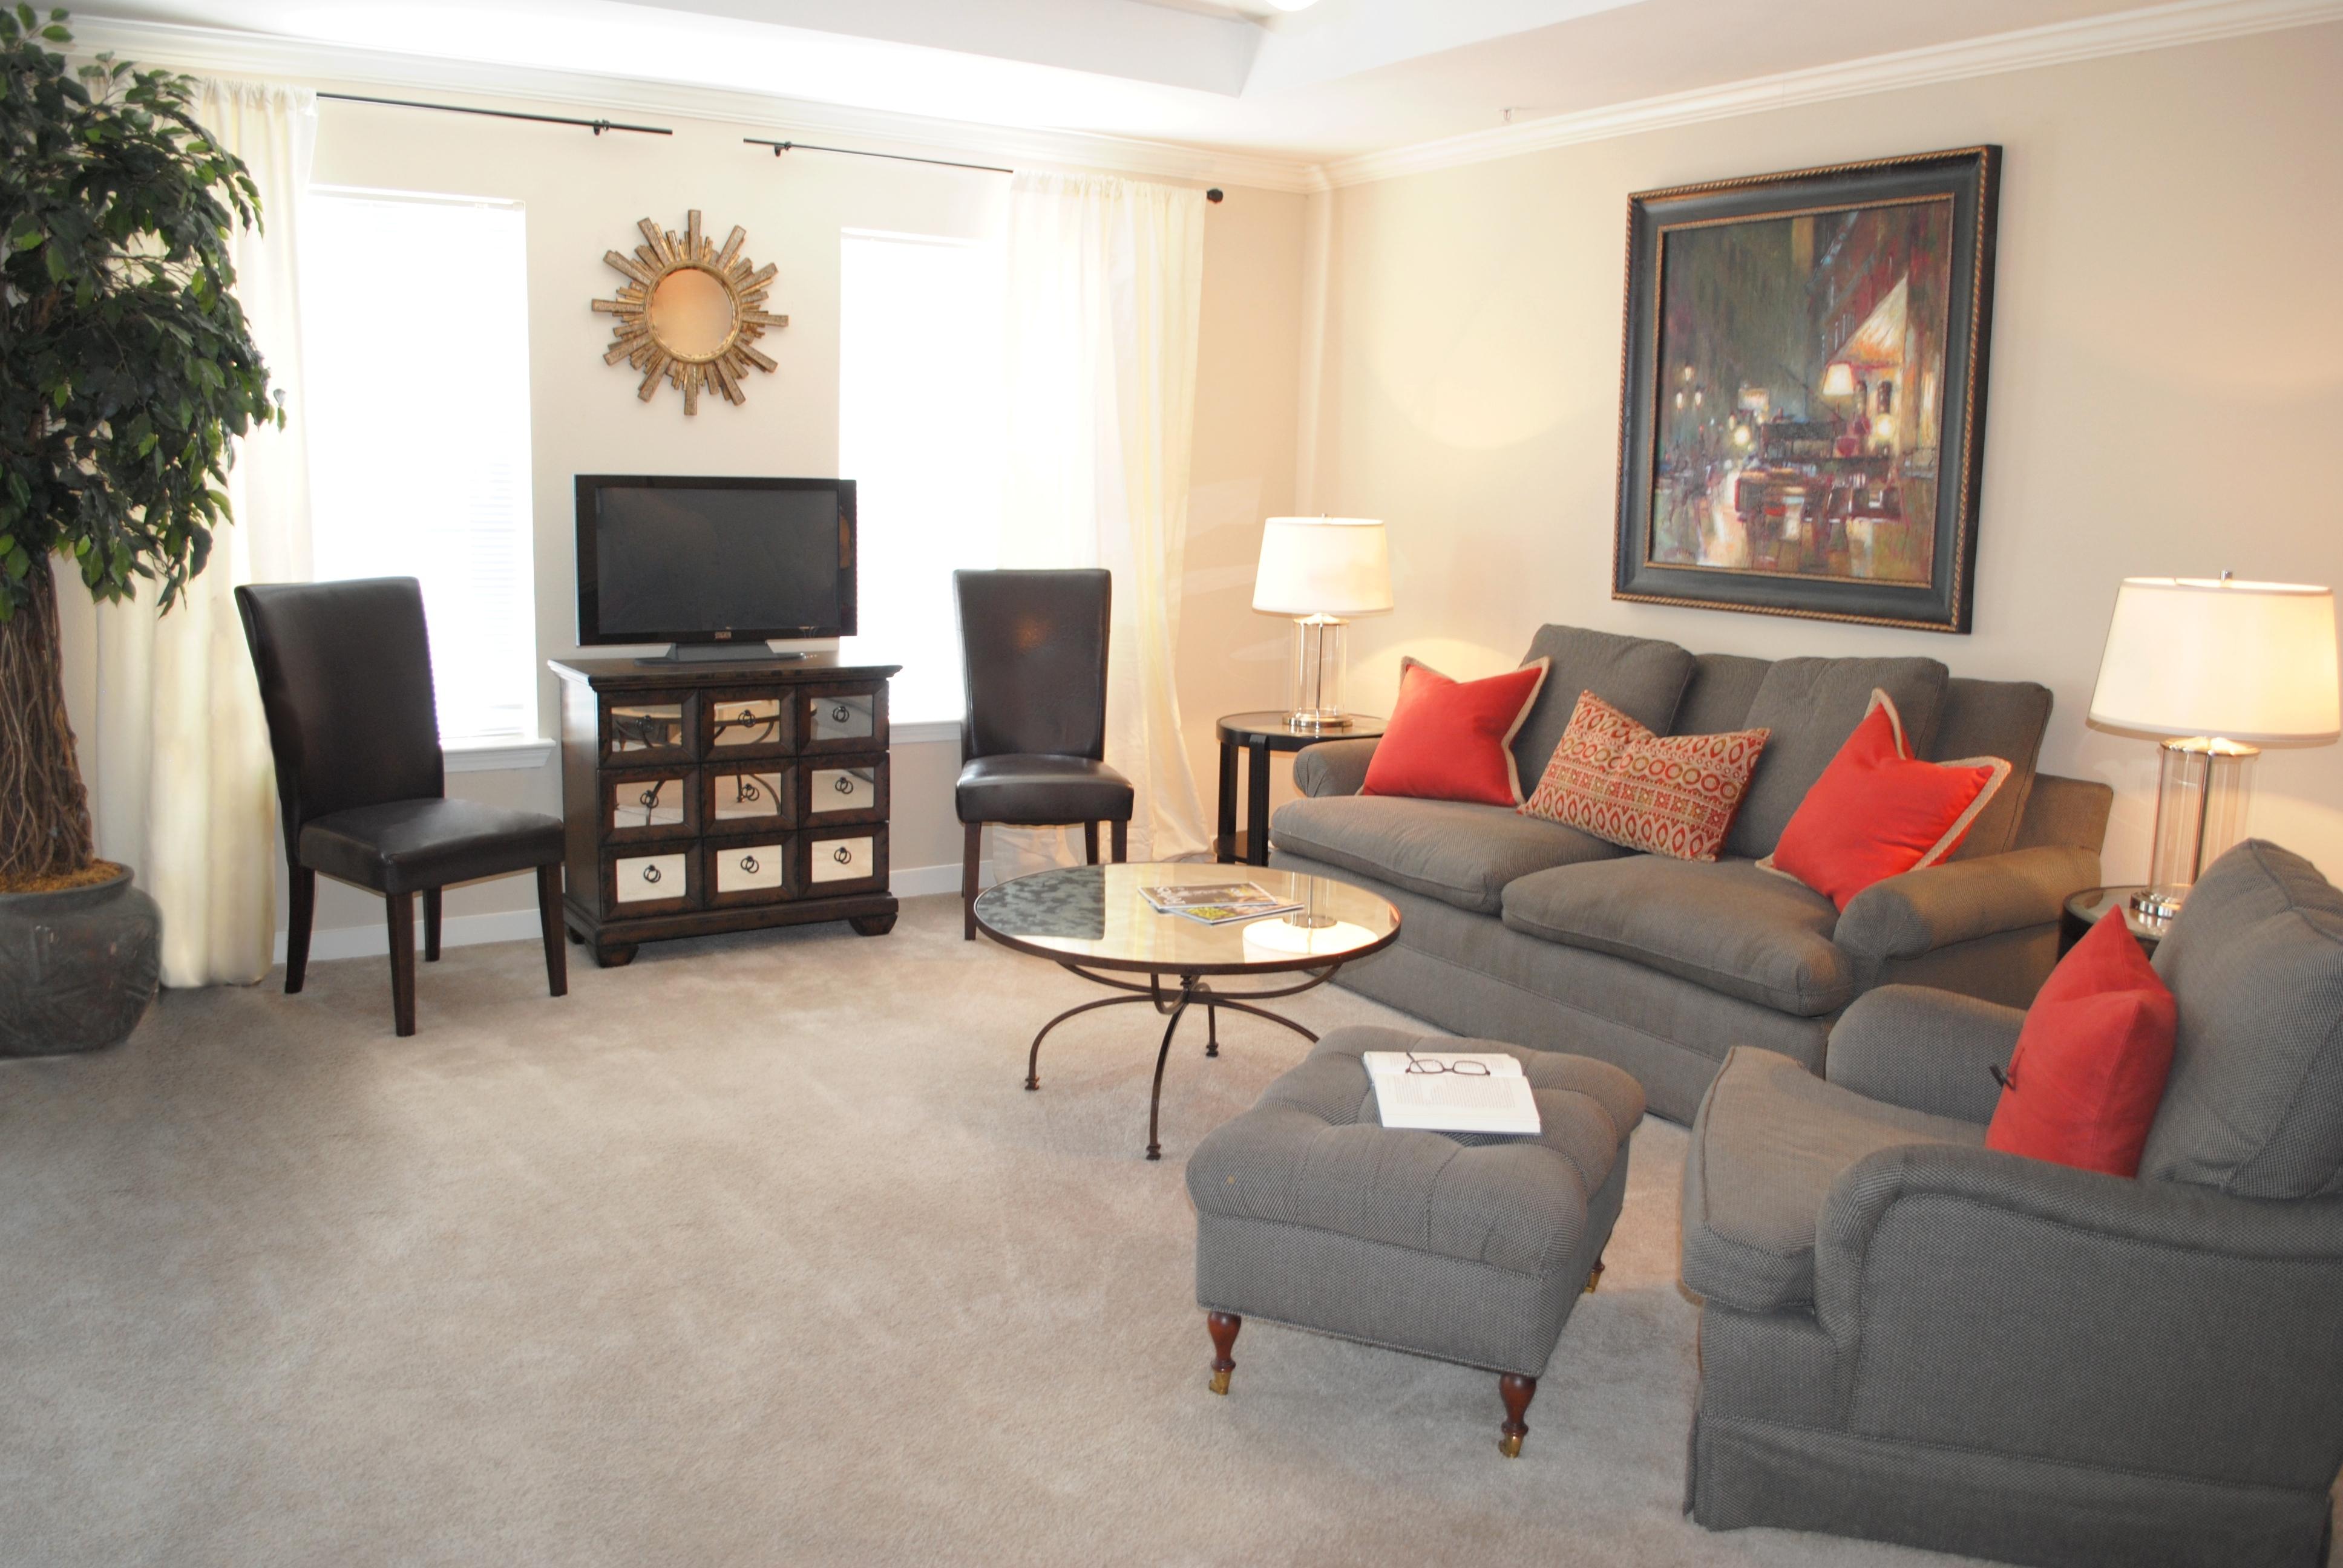 Chimney Hill Apartments Shreveport Louisiana